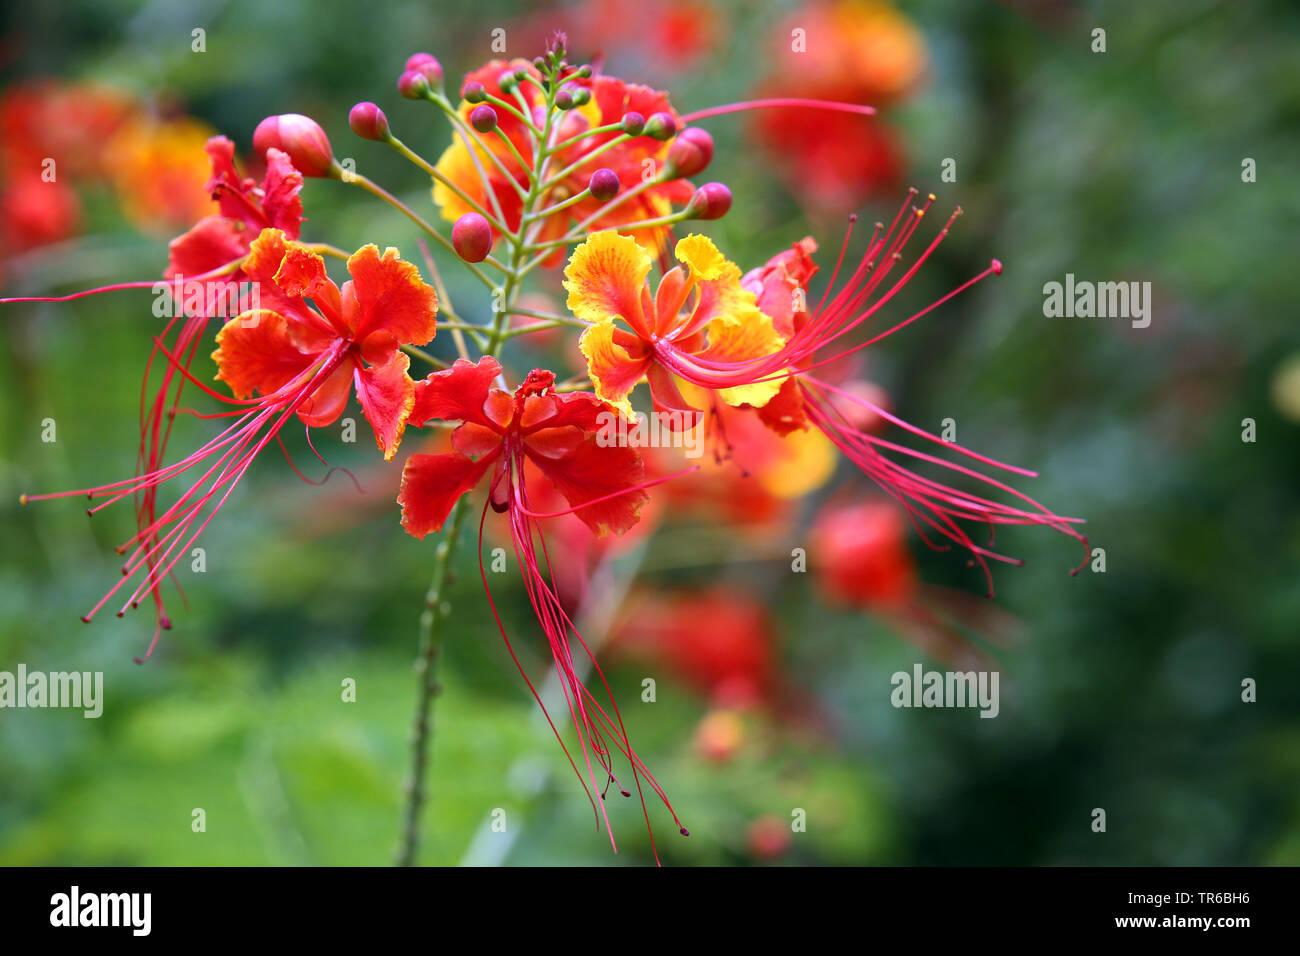 Stolz von Barbados, Pfauenstrauch, Pfauen-Strauch, Pfauenblume, Pfauen-Blume, Flamboyant, Zwerg-Poinciane, Zwergpoinciane (Caesalpinia pulcherrima), b - Stock Image